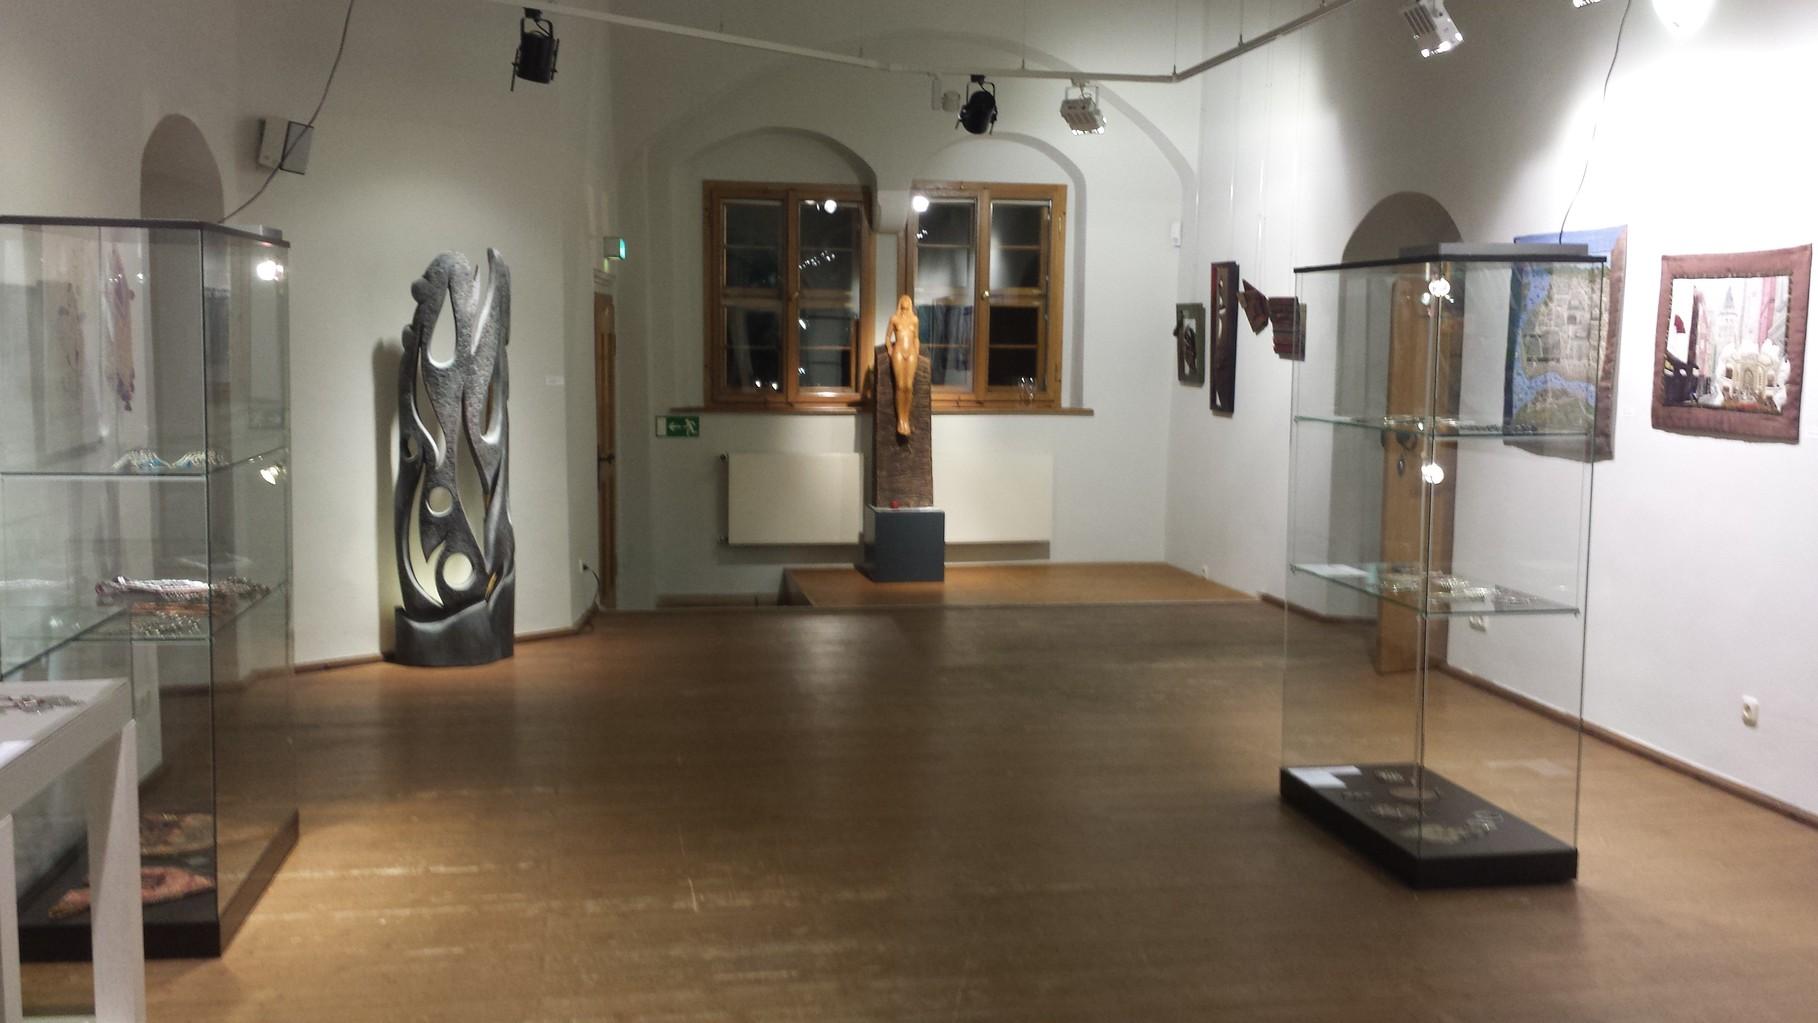 Wasserschloss bei Chemnitz Kaffenbach Art Leben im Holz beteiligt sich an der Ausstellung